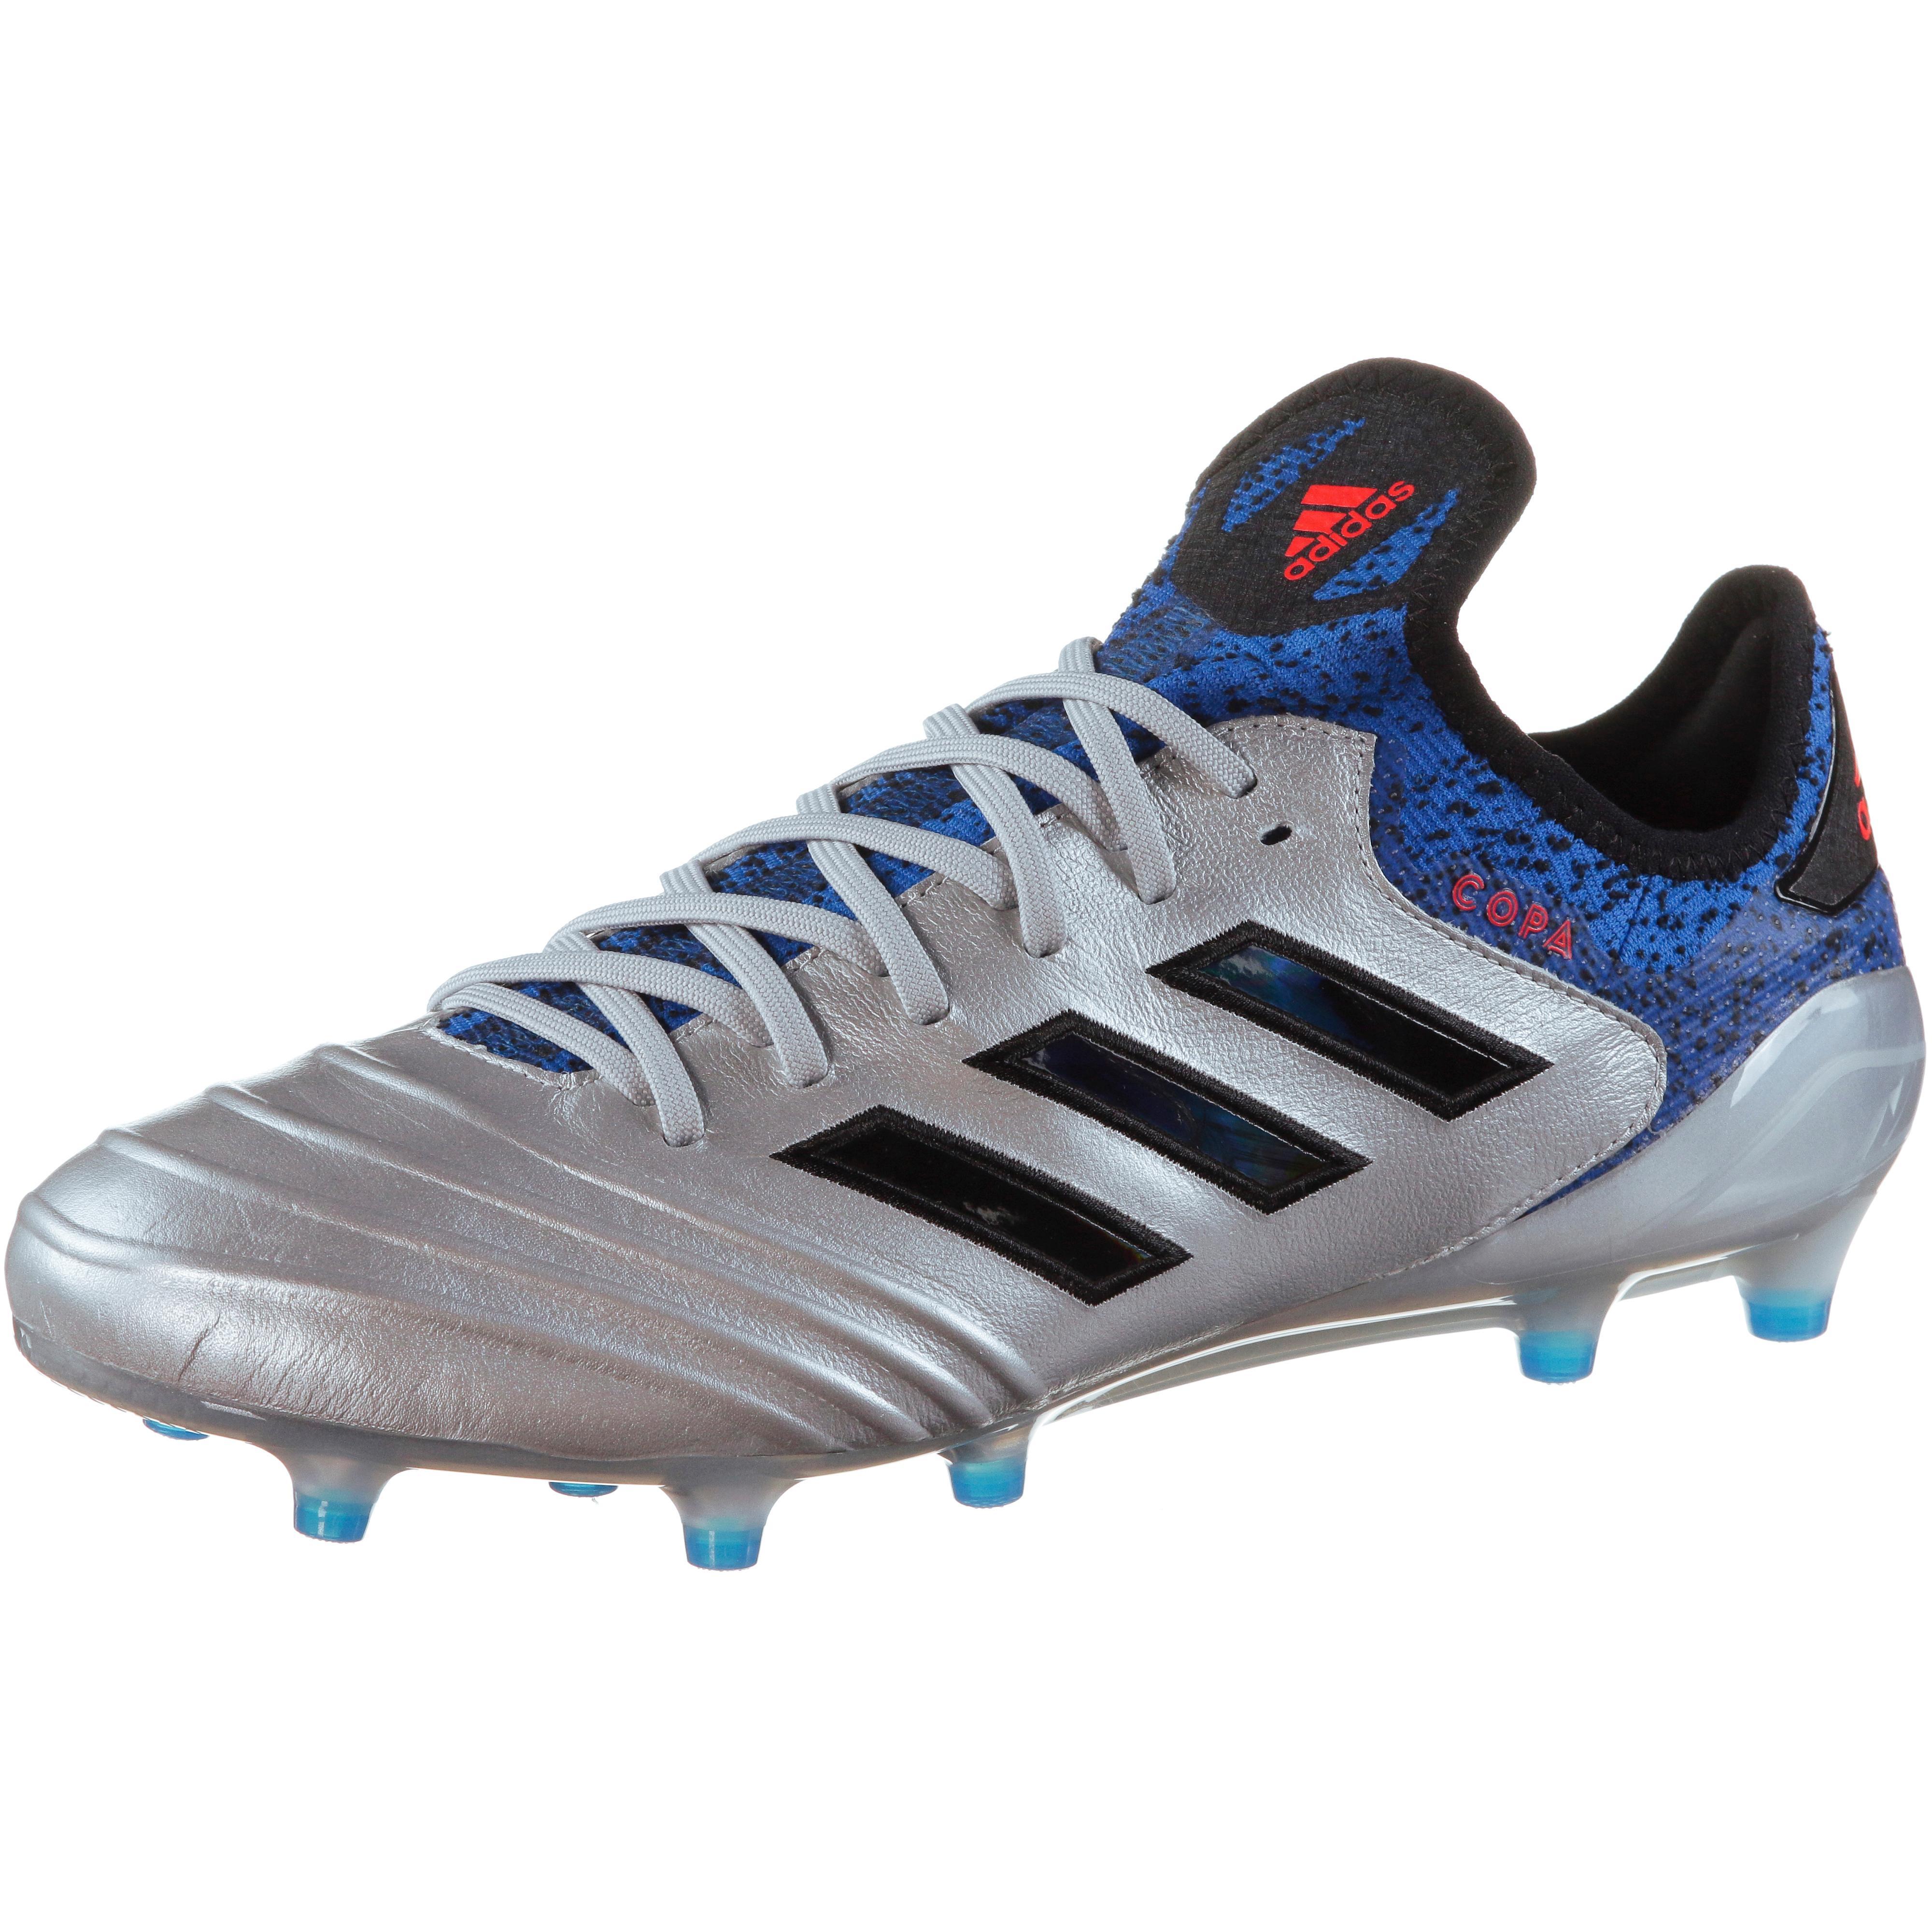 adidas Copa 18.1 Fußballschuhe Herren blau grün im Online Shop von SportScheck kaufen